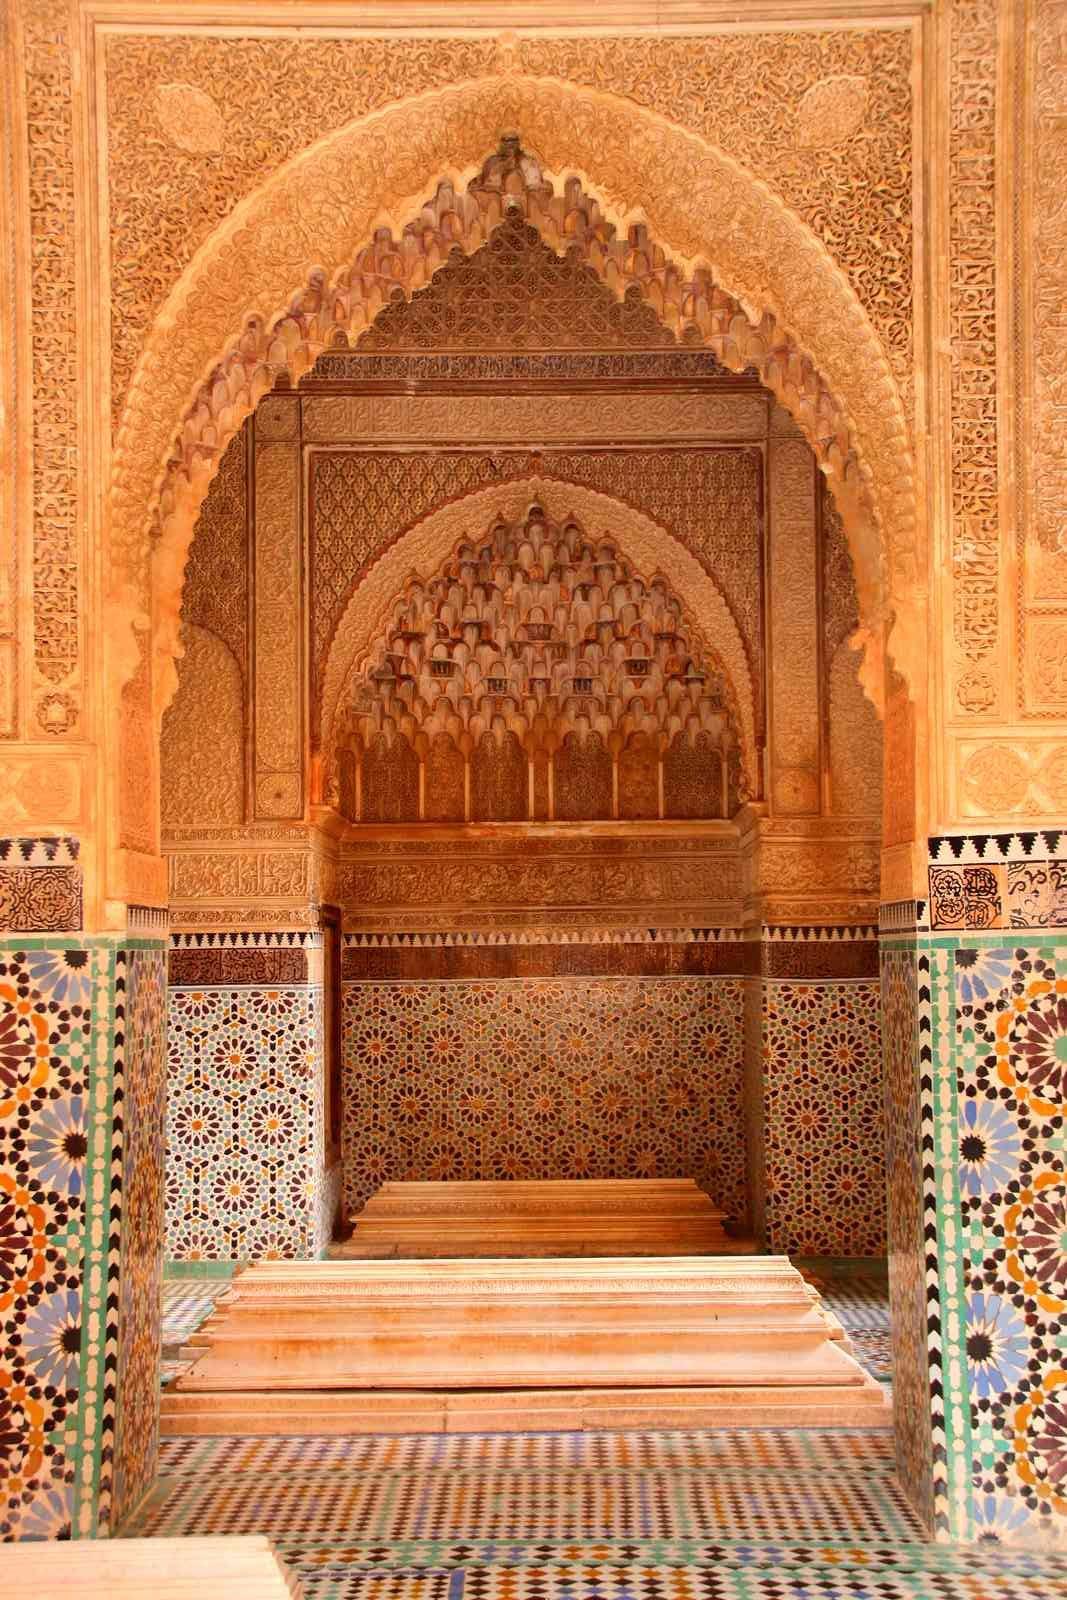 Maroc - Tombeaux saadiens en stuc et zellige à Marrakech